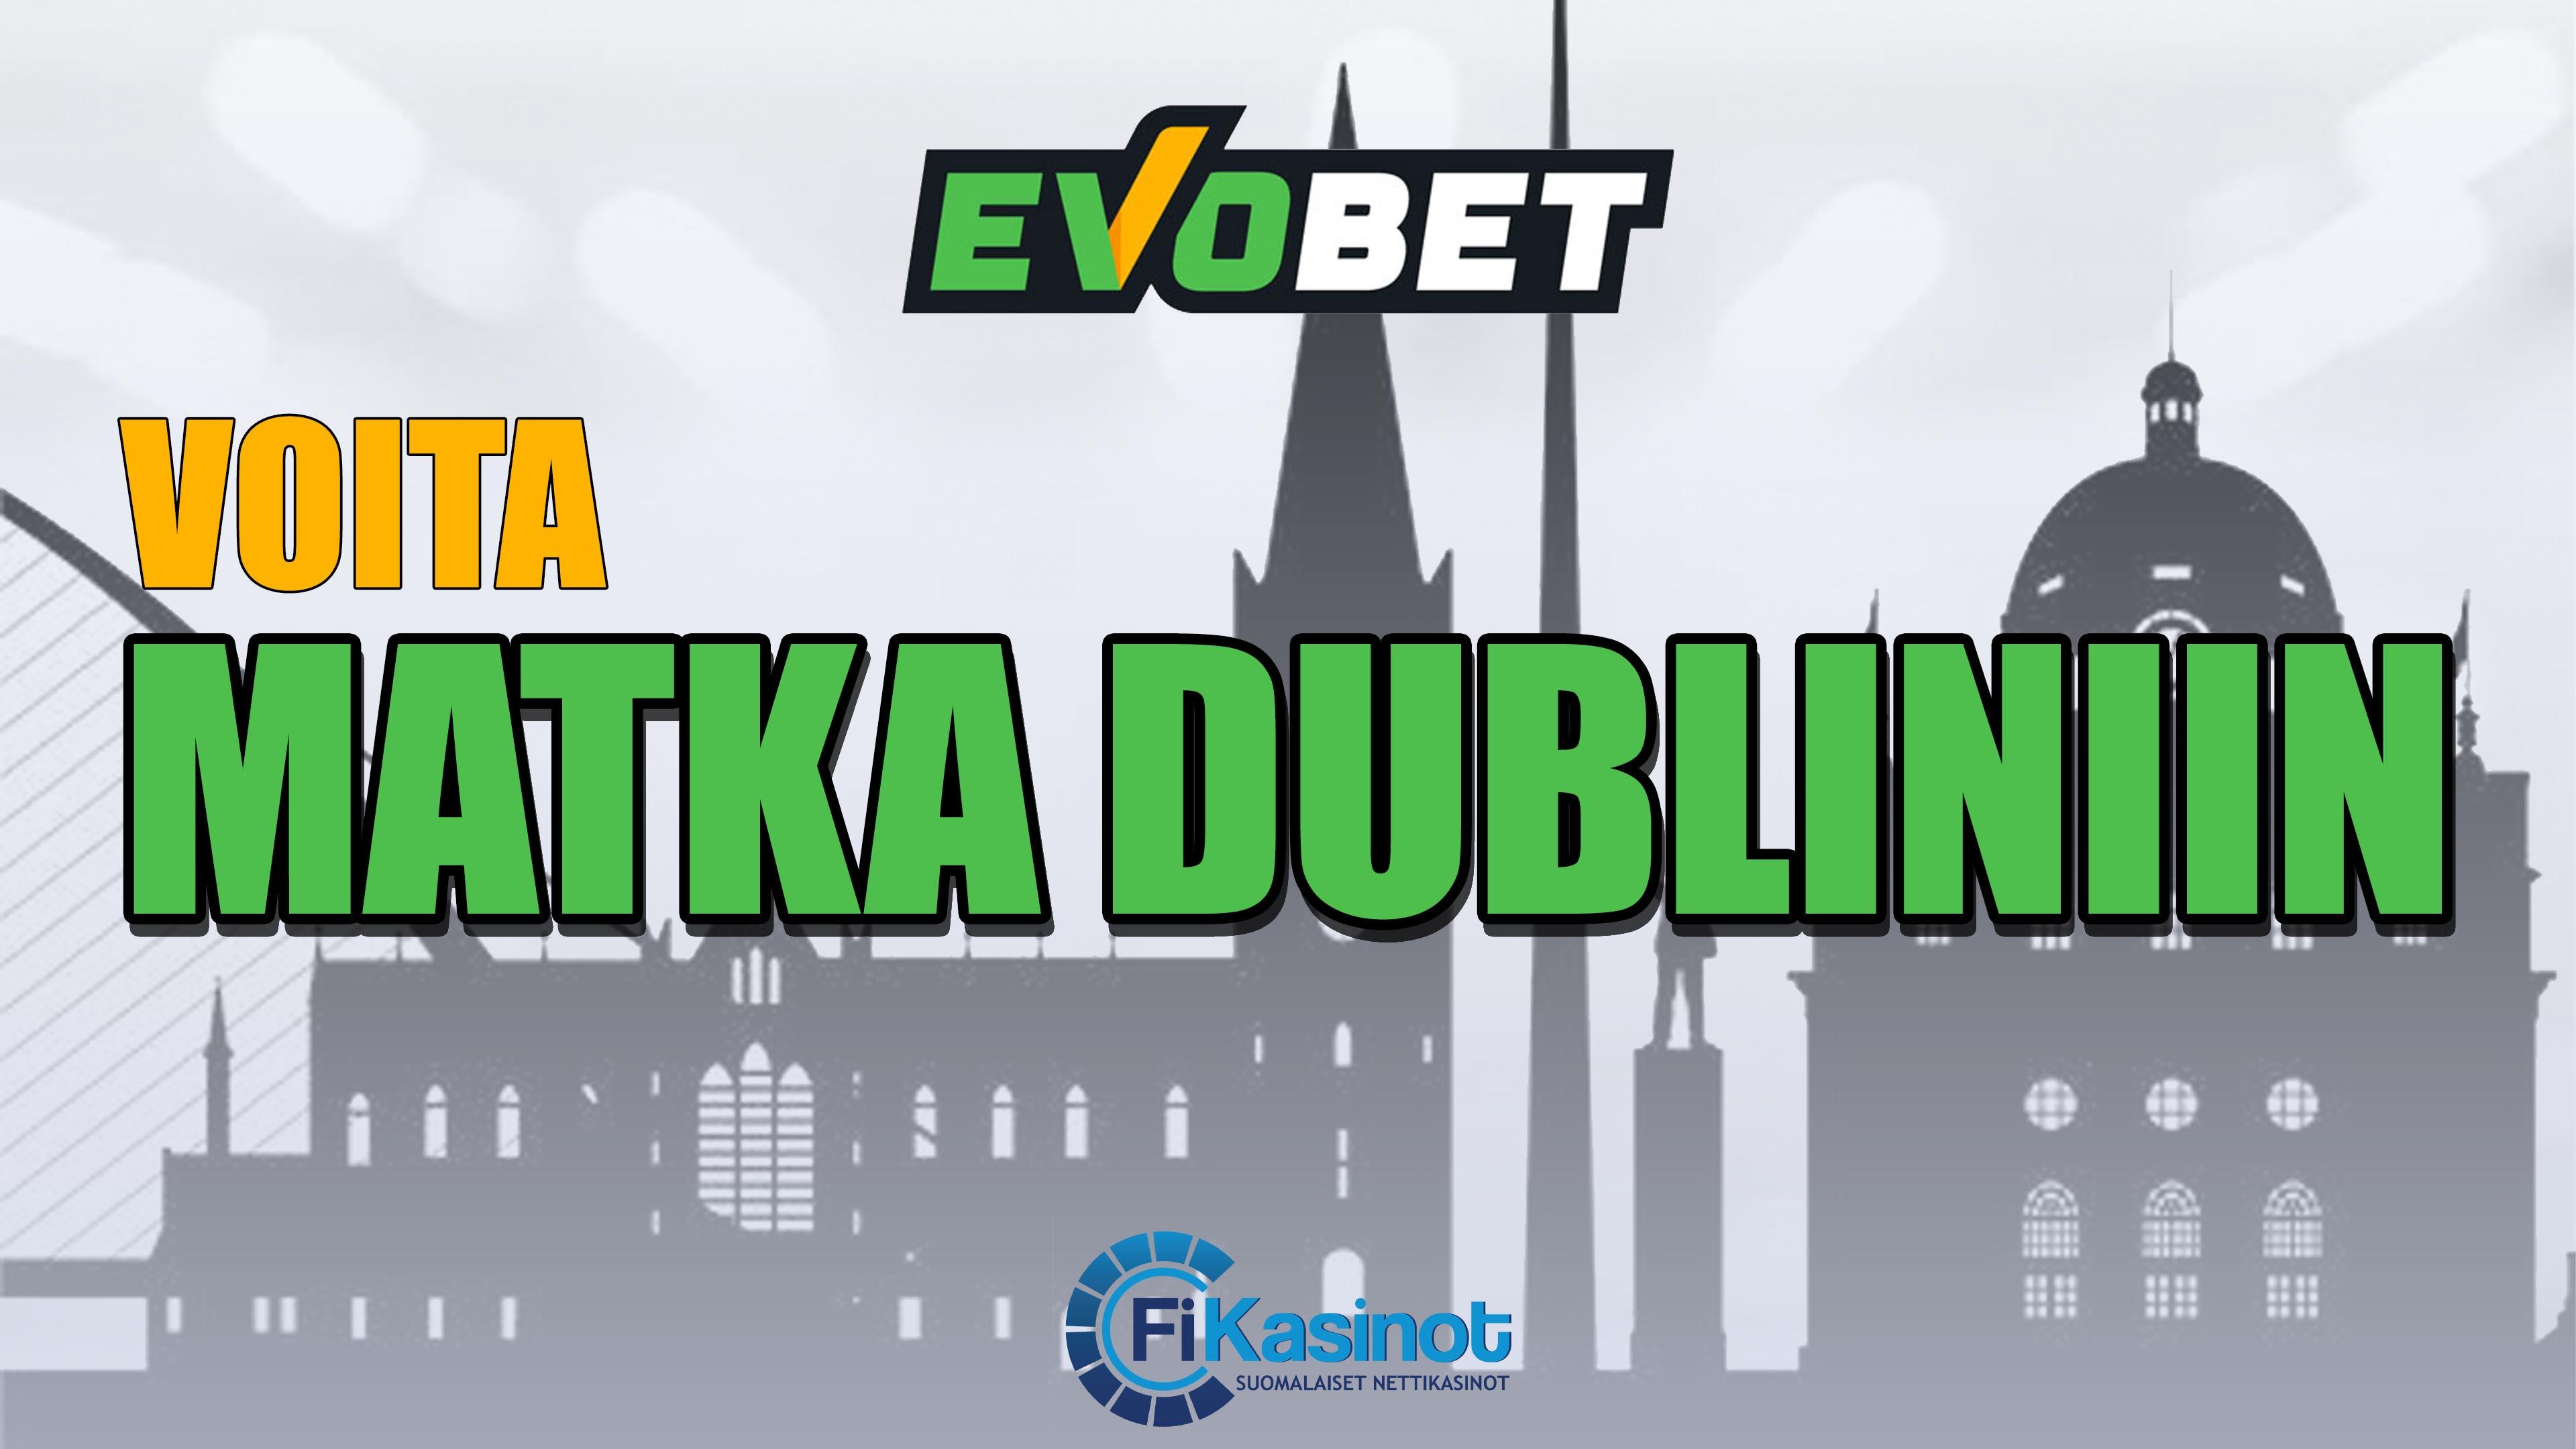 Matka Dubliniin Evobetiltä